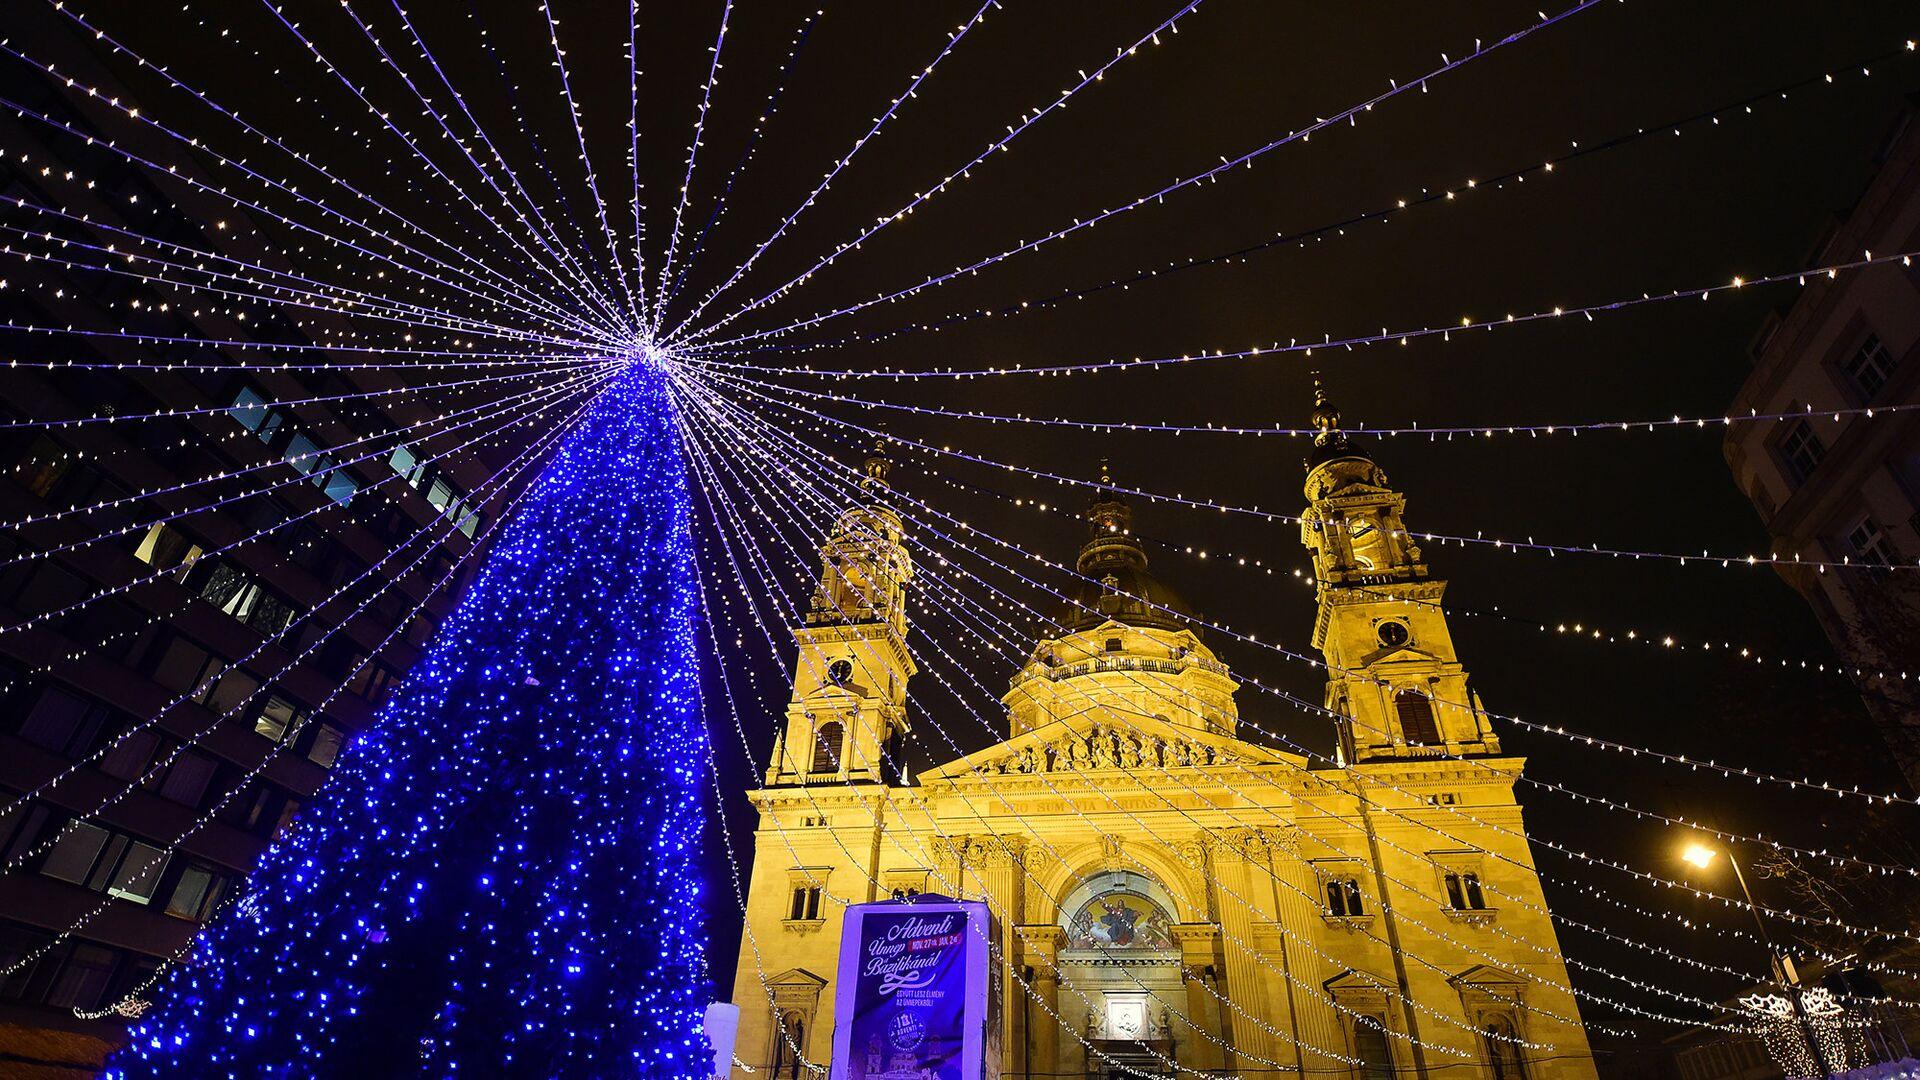 Рождественская елка около базилики Святого Стефана в Будапеште - РИА Новости, 1920, 20.11.2020